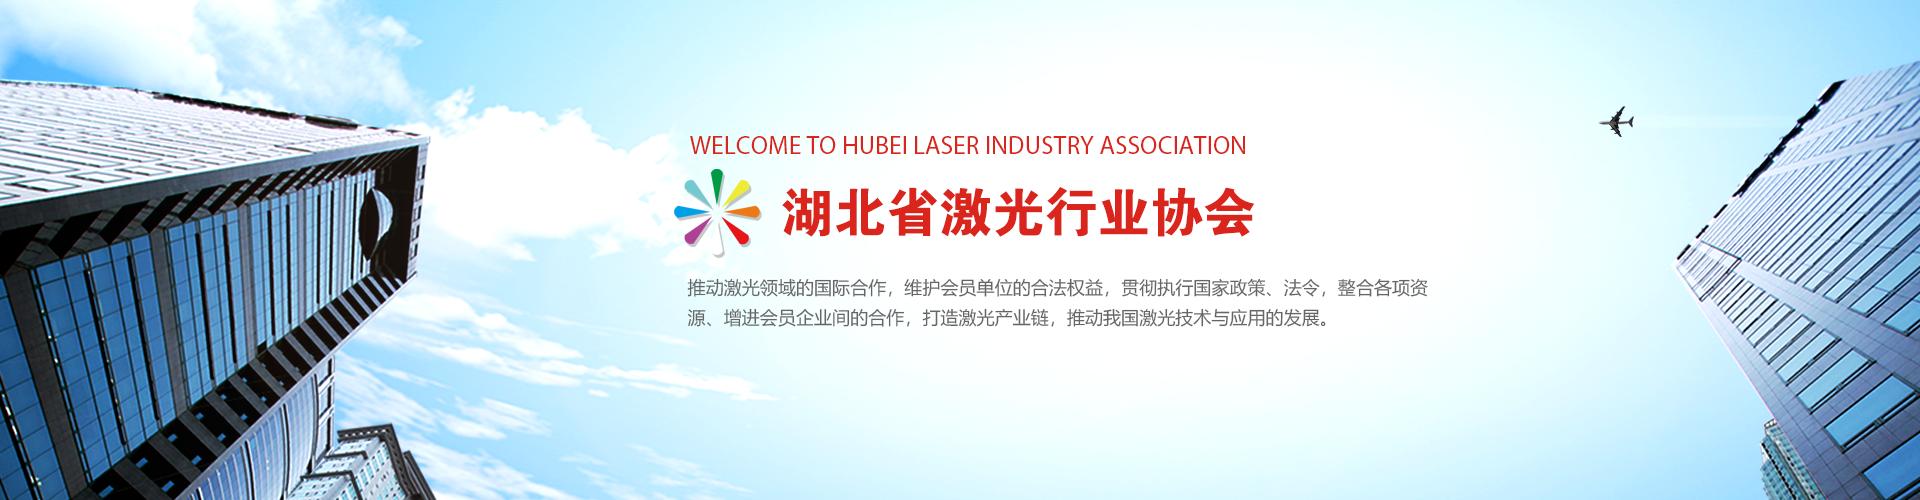 湖北省激光行业协会